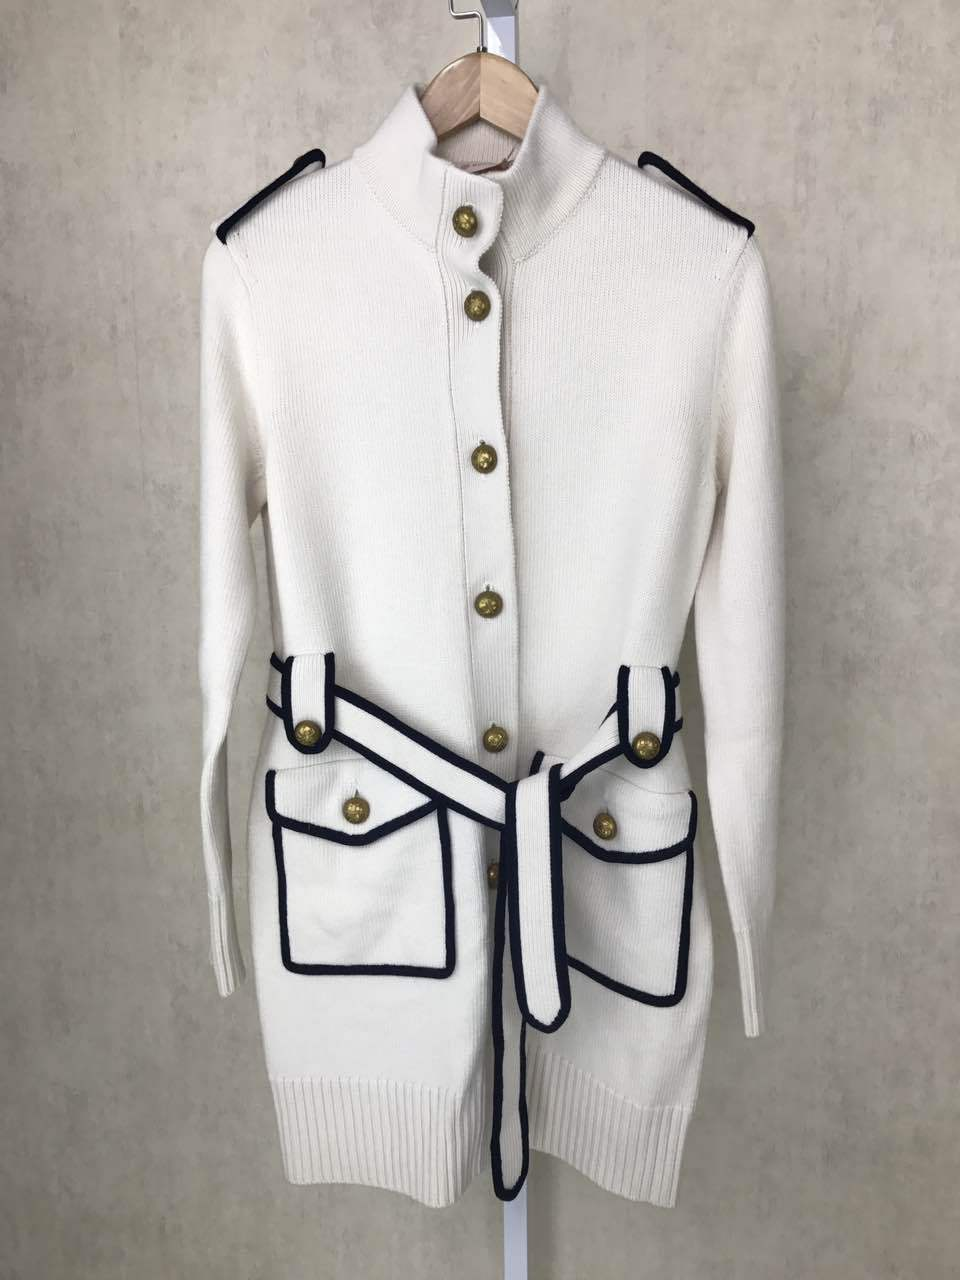 Suéter de punto blanco de punto largo cárdigan mujer de punto otoño e invierno abrigo y chaquetas con bolsillos de cinturón-in Caquetas de punto from Ropa de mujer    2